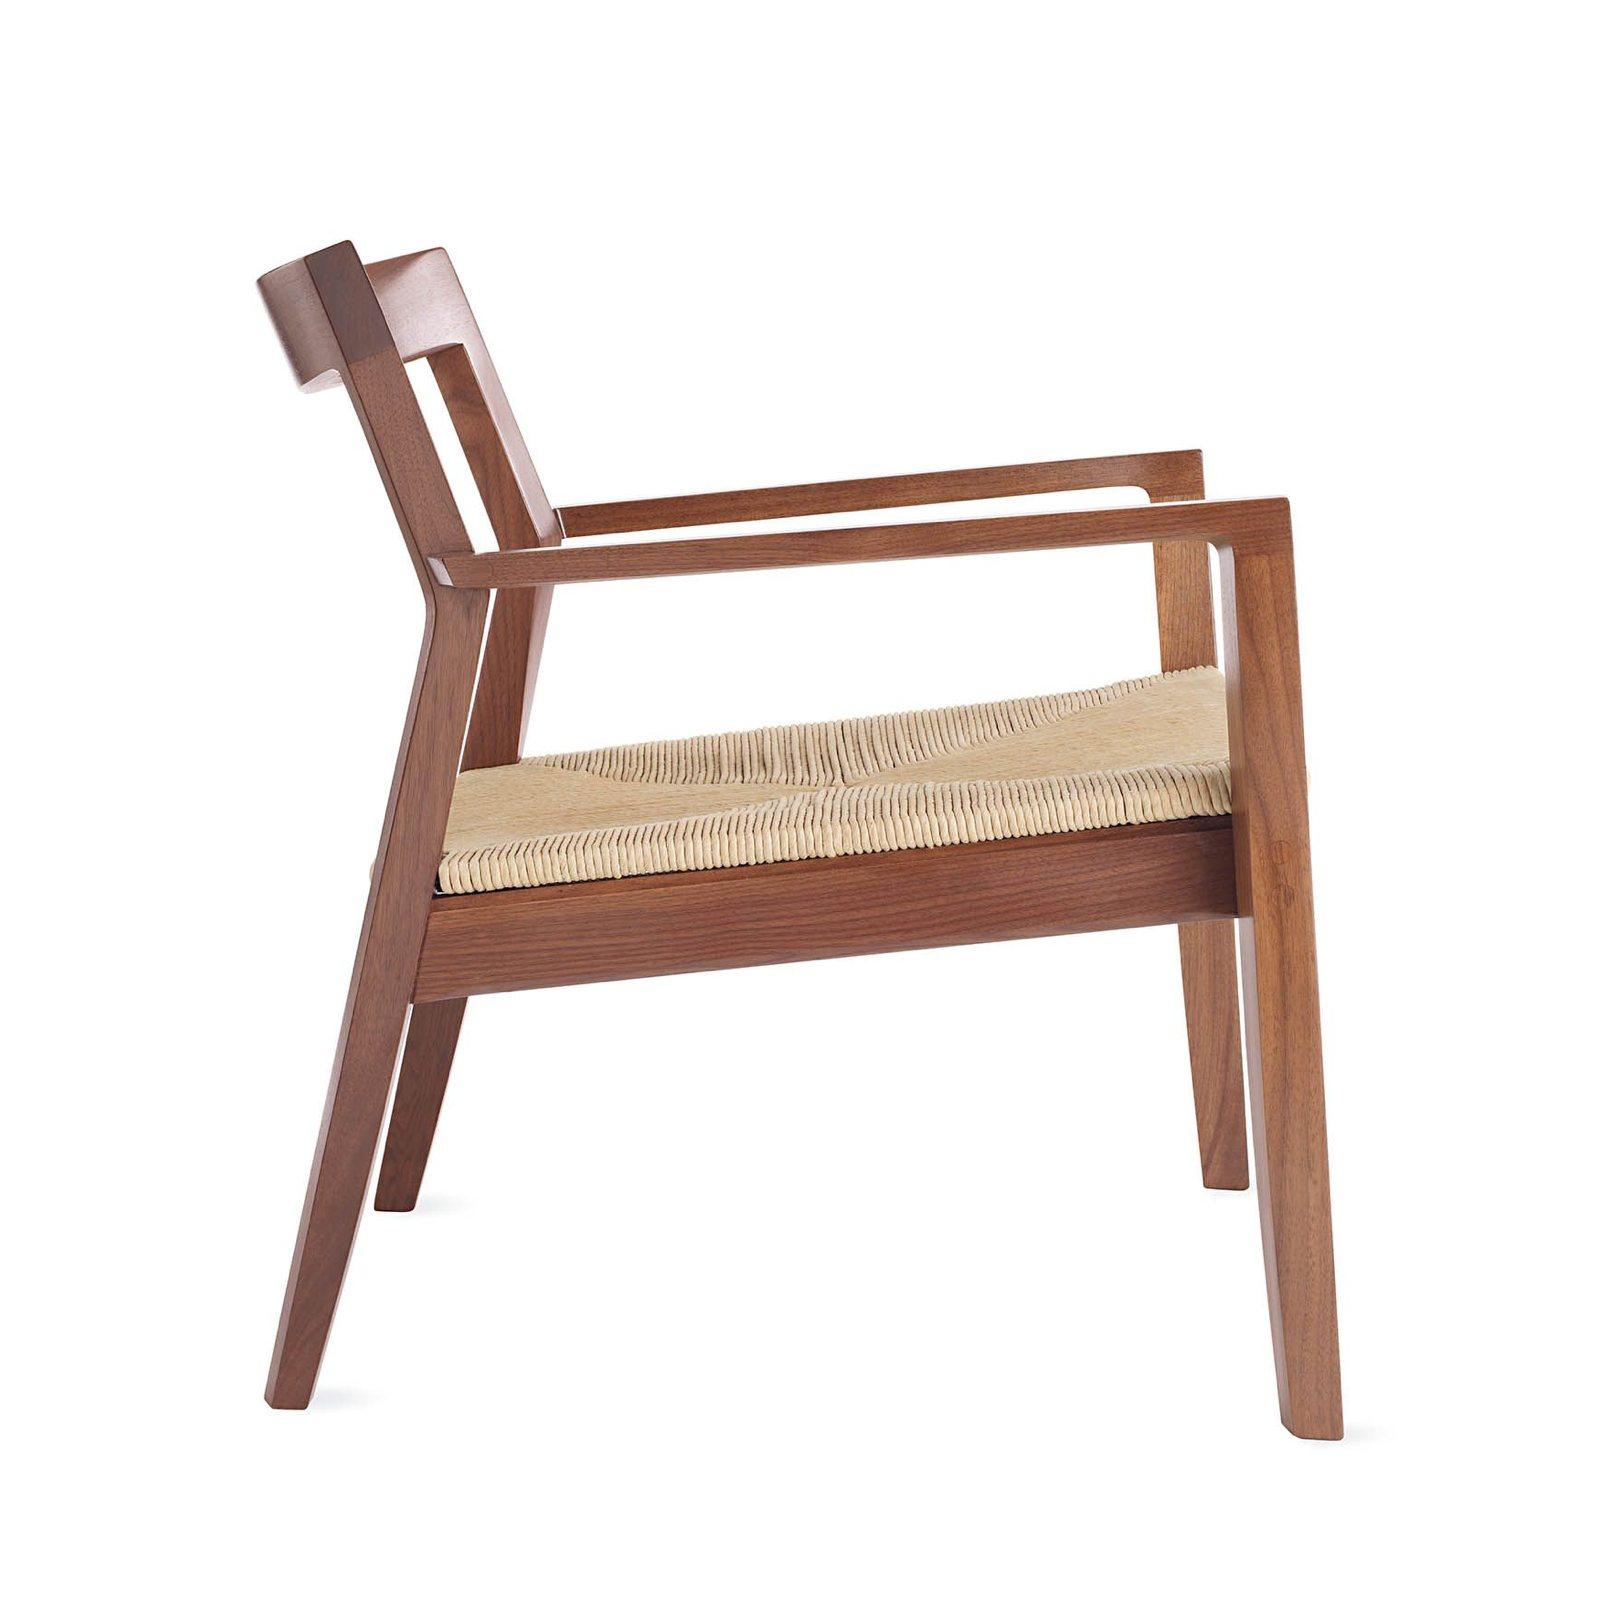 Wondrous Knoll Krusin Lounge Arm Chair Creativecarmelina Interior Chair Design Creativecarmelinacom